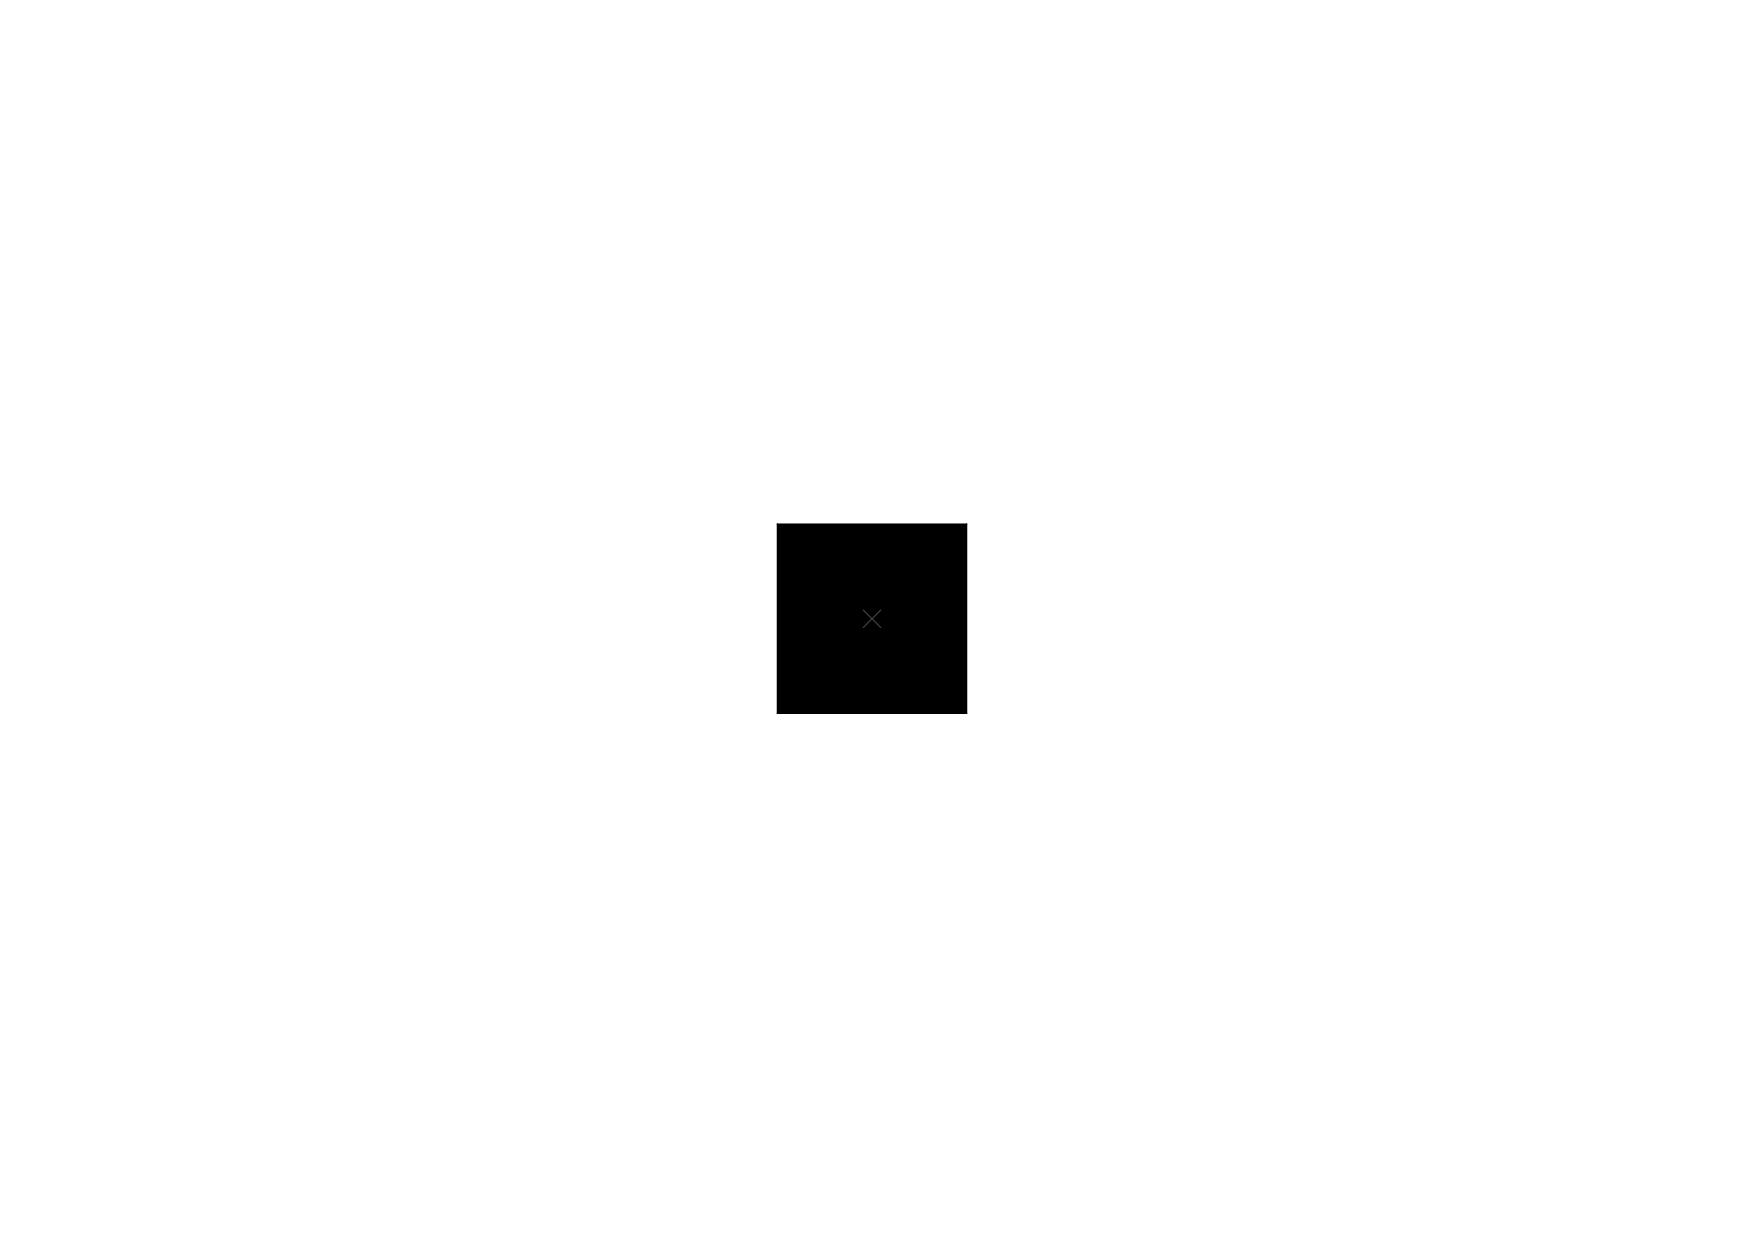 Corde carrée 6 x 6 ou 8 x 8 mm